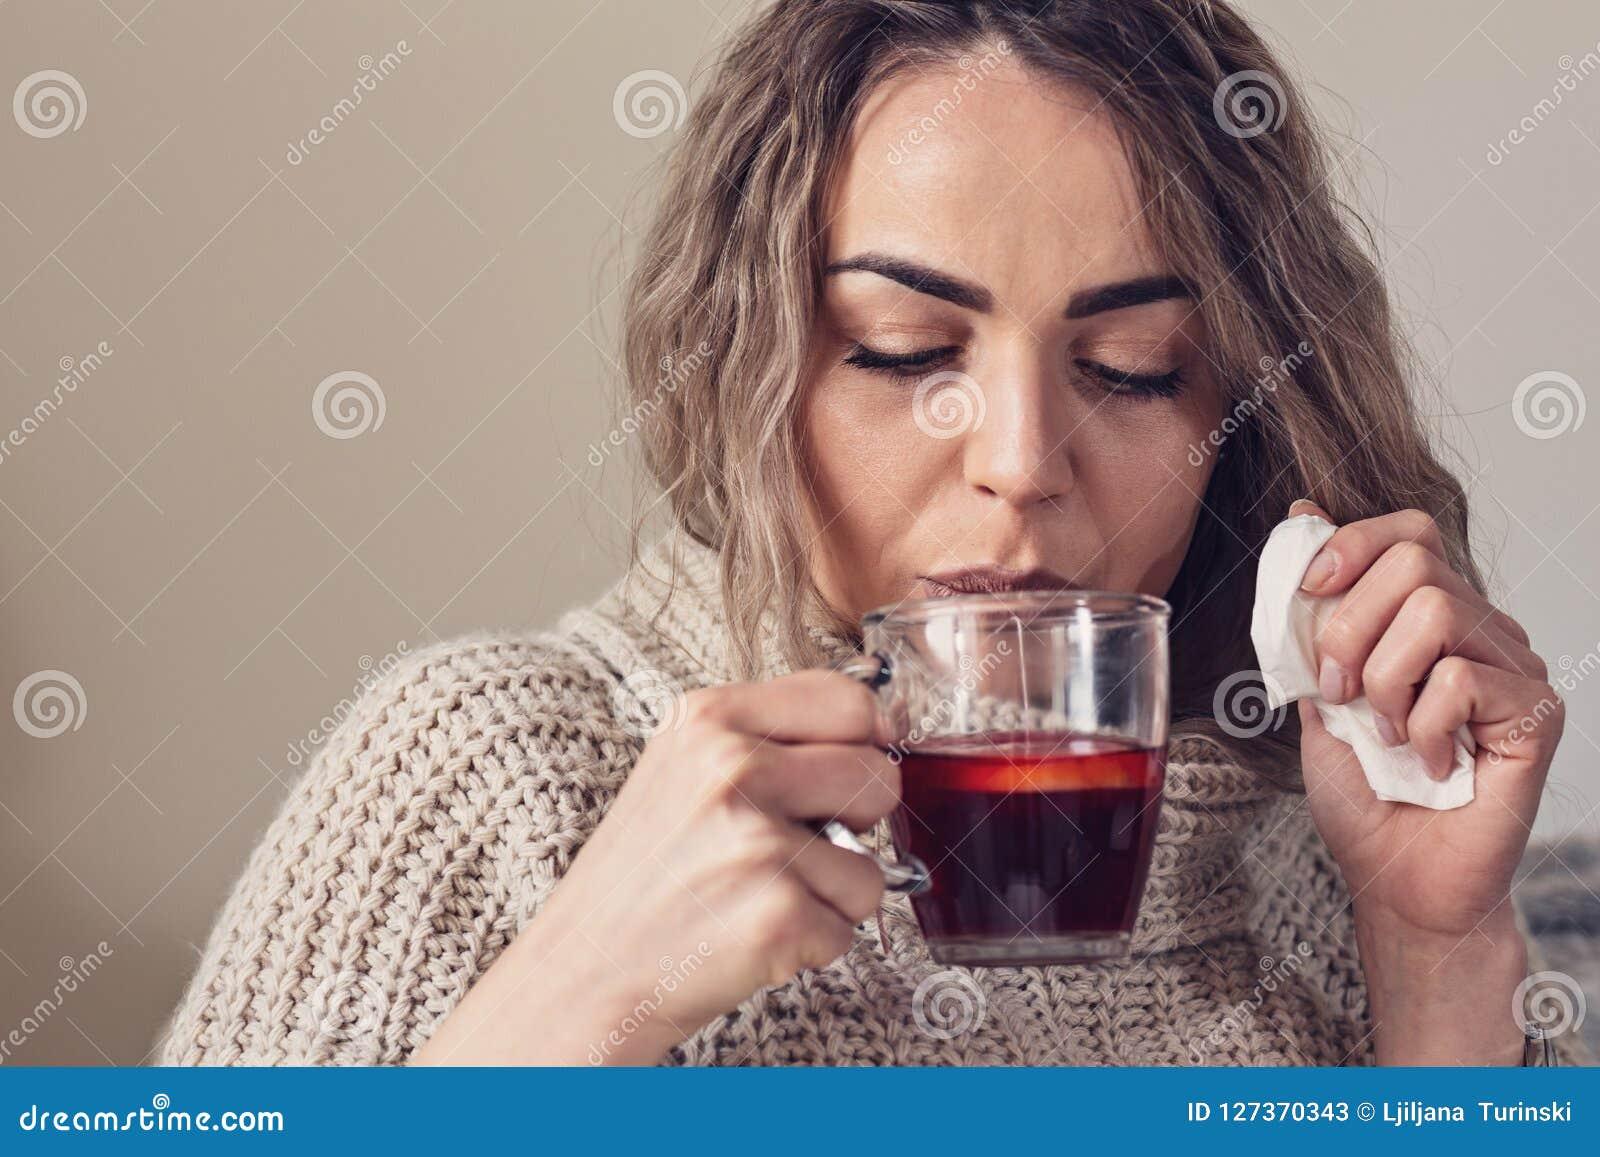 Grippekälte oder Allergiesymptom Kranke junge Frau mit Fieber sneezin